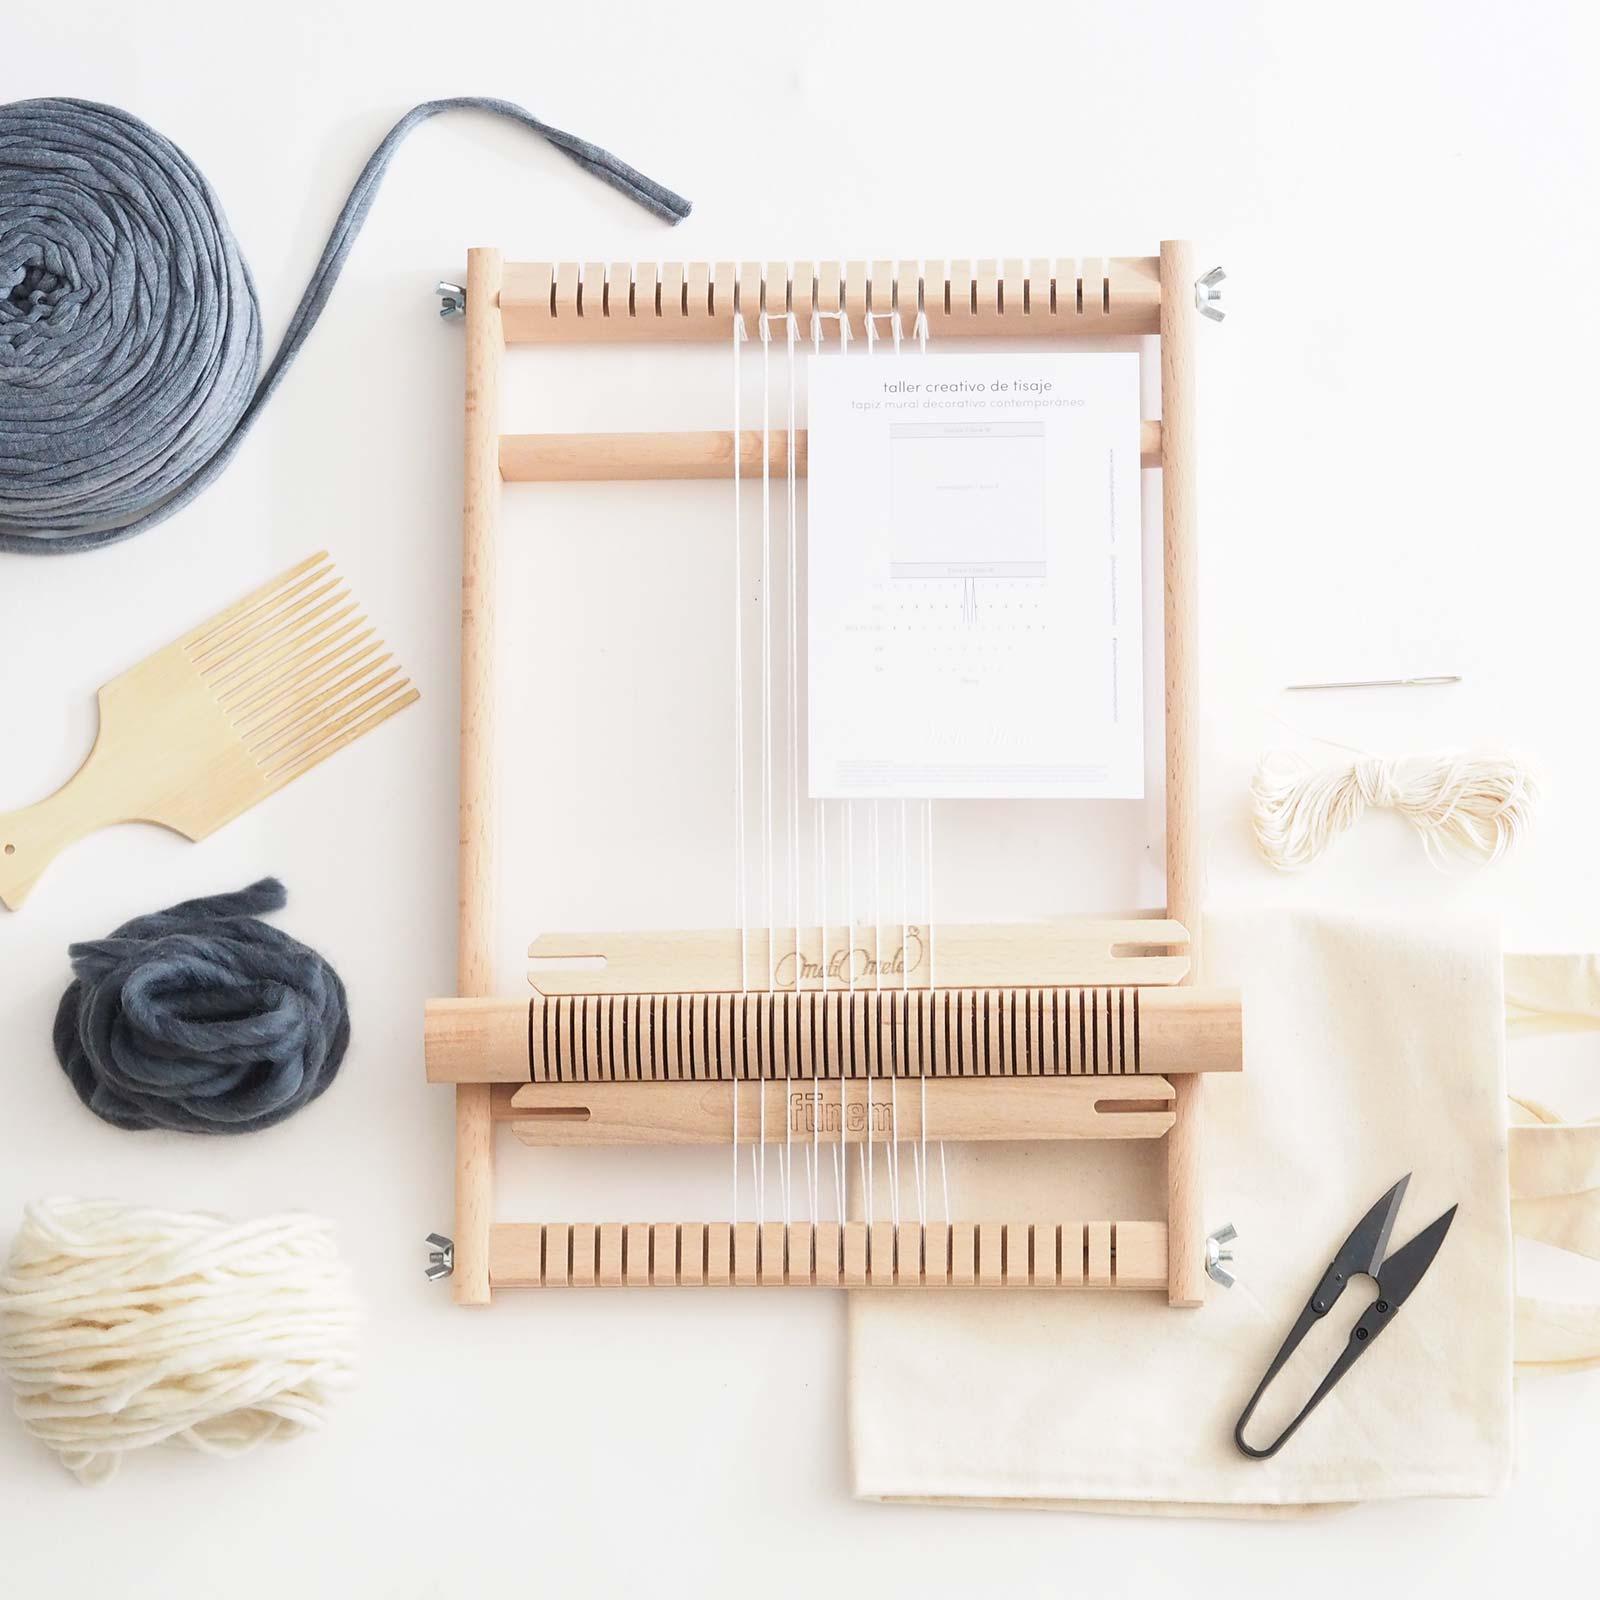 matériel métier à tisser pour workshop weaving Mimarinita Valladolid laboutiquedemelimelo